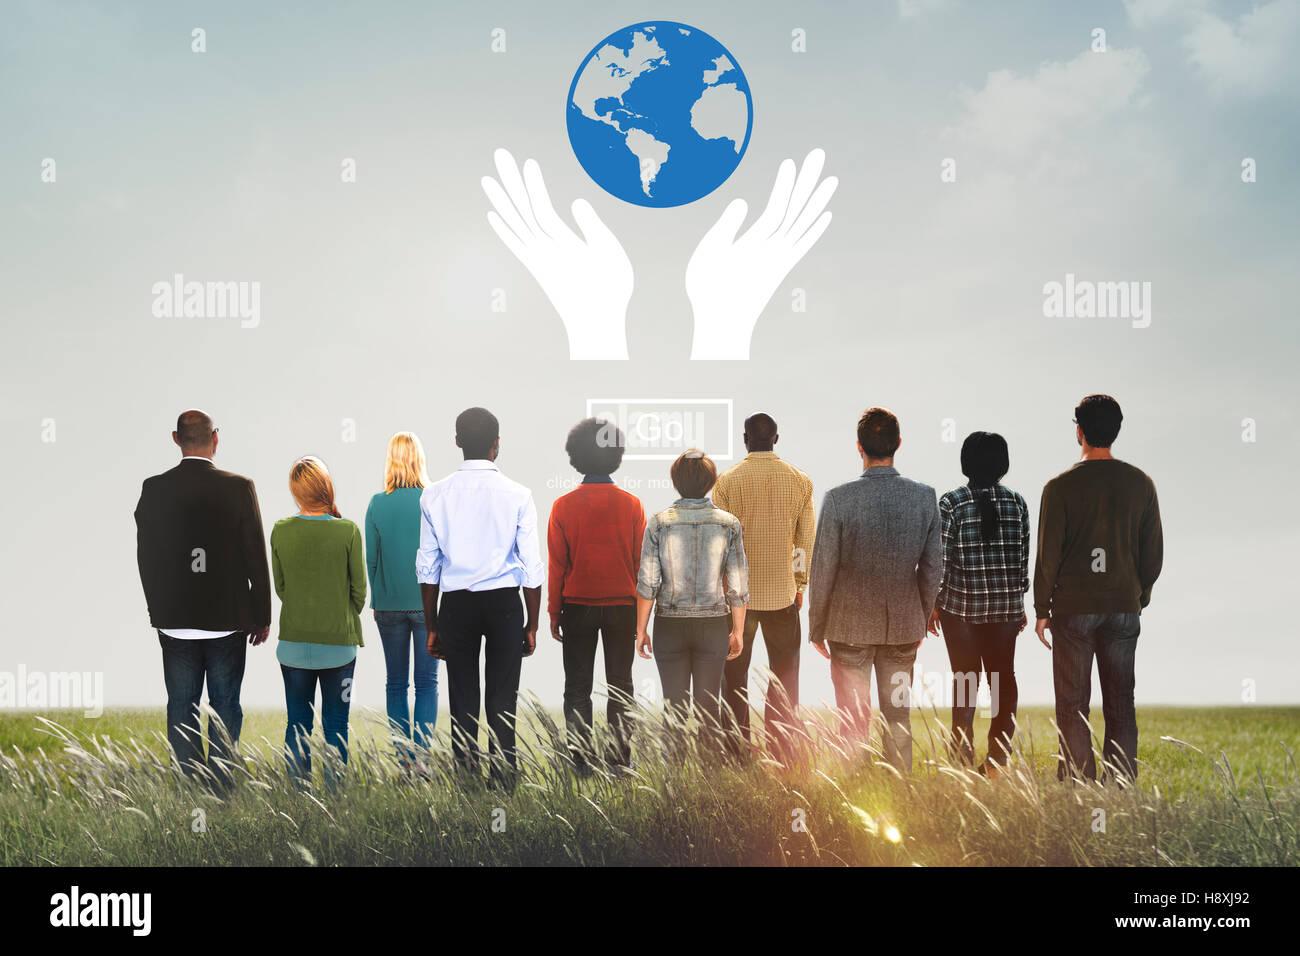 Globaler Wohlstand schützen Erde Pflegekonzept Stockbild